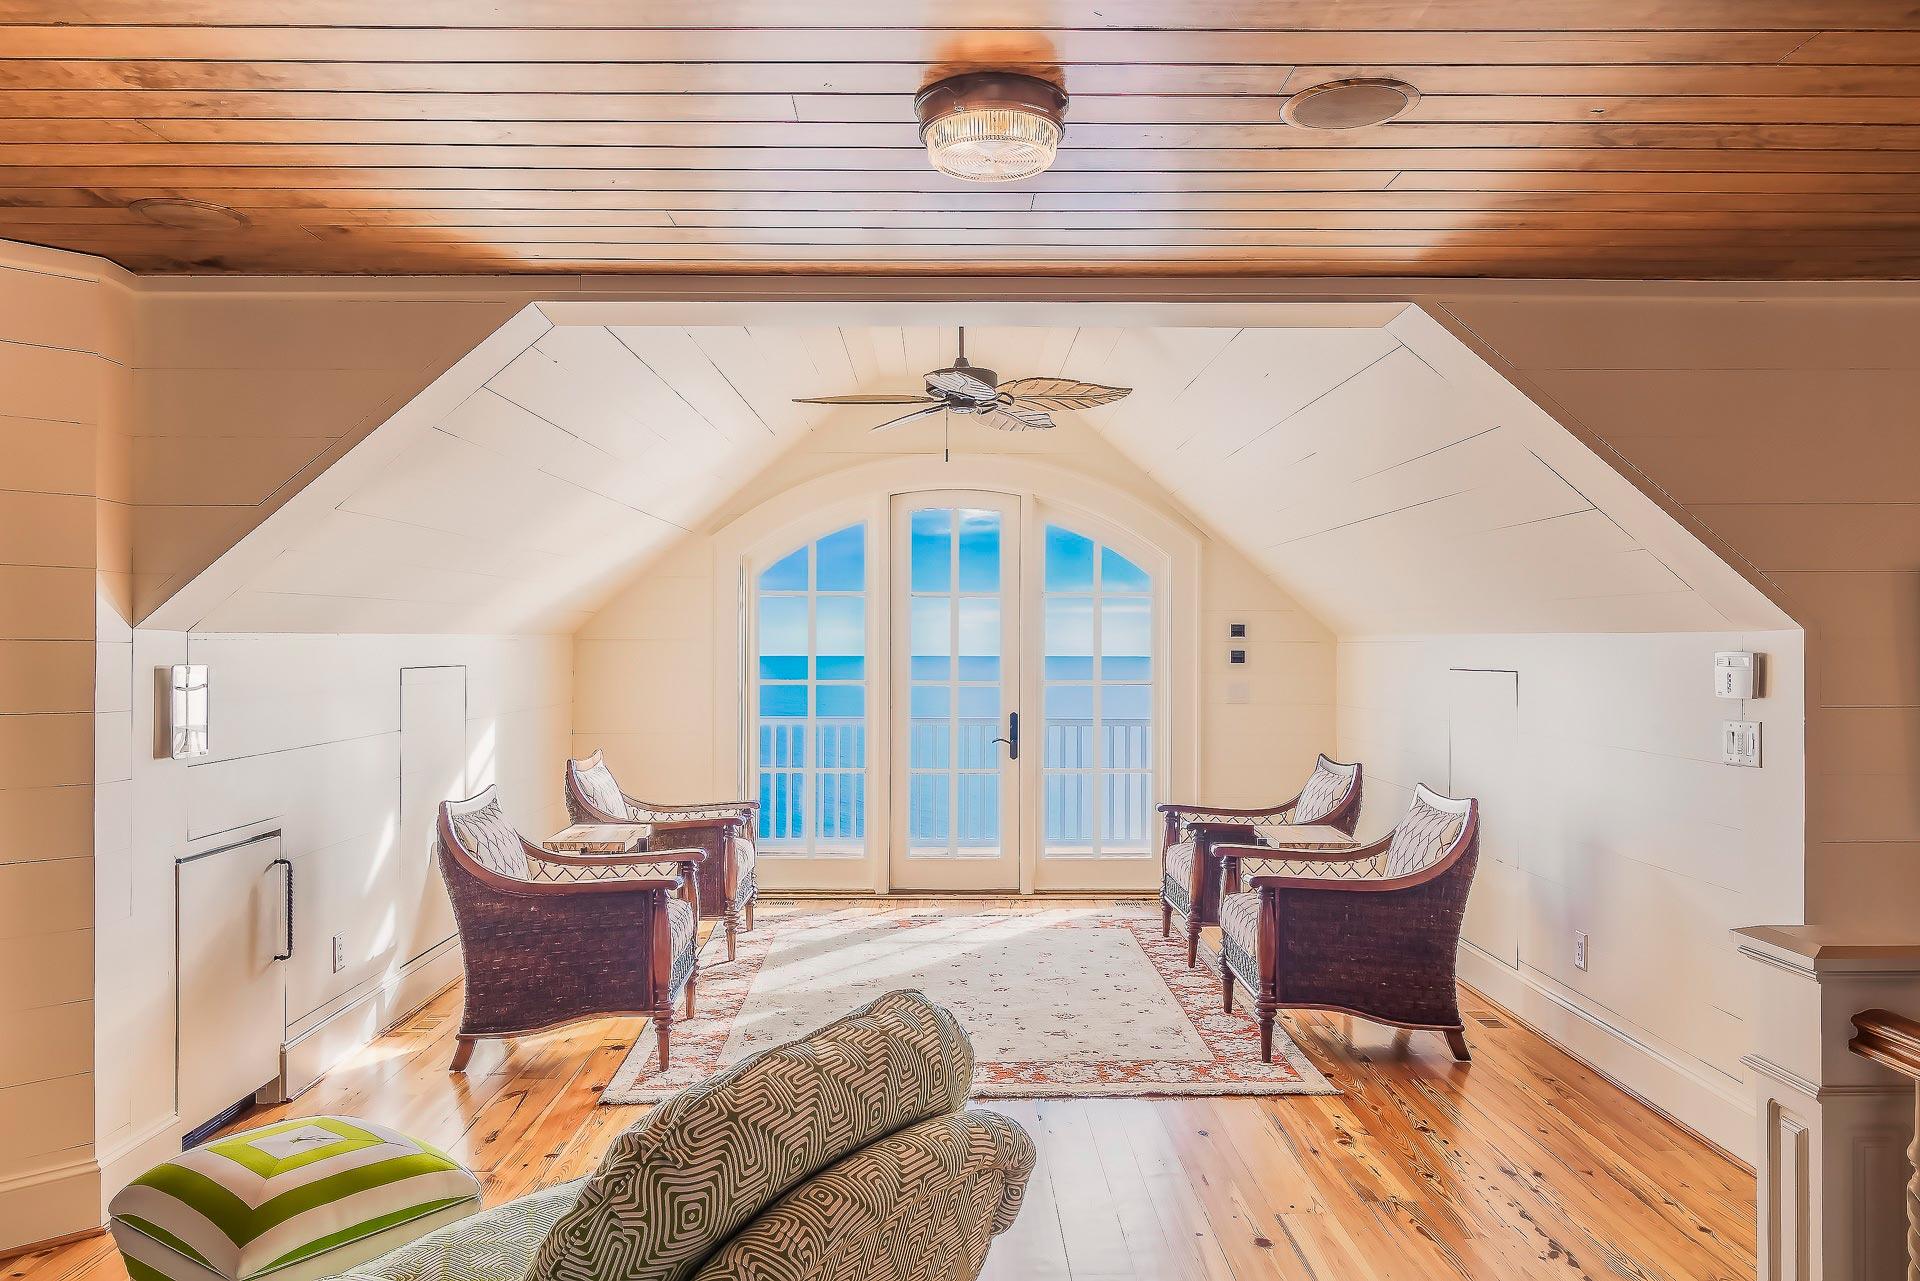 Reformar una casa con poco dinero for Reformar piso con poco dinero